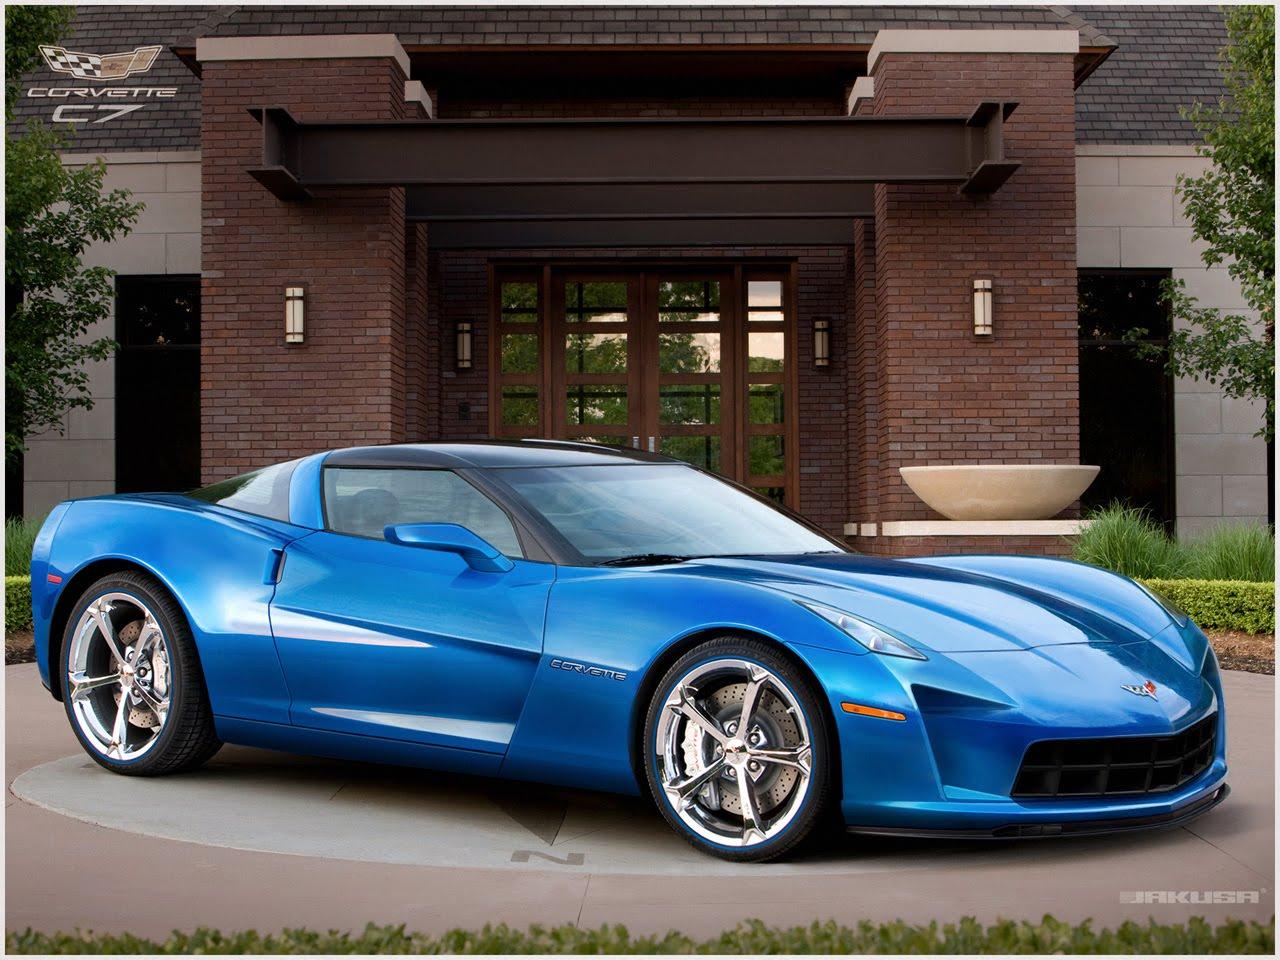 http://1.bp.blogspot.com/-7ASgMI6--gE/TgNSfUXaKWI/AAAAAAAAJG0/MwgIC3XZk5w/s1600/2013+Corvette.jpg